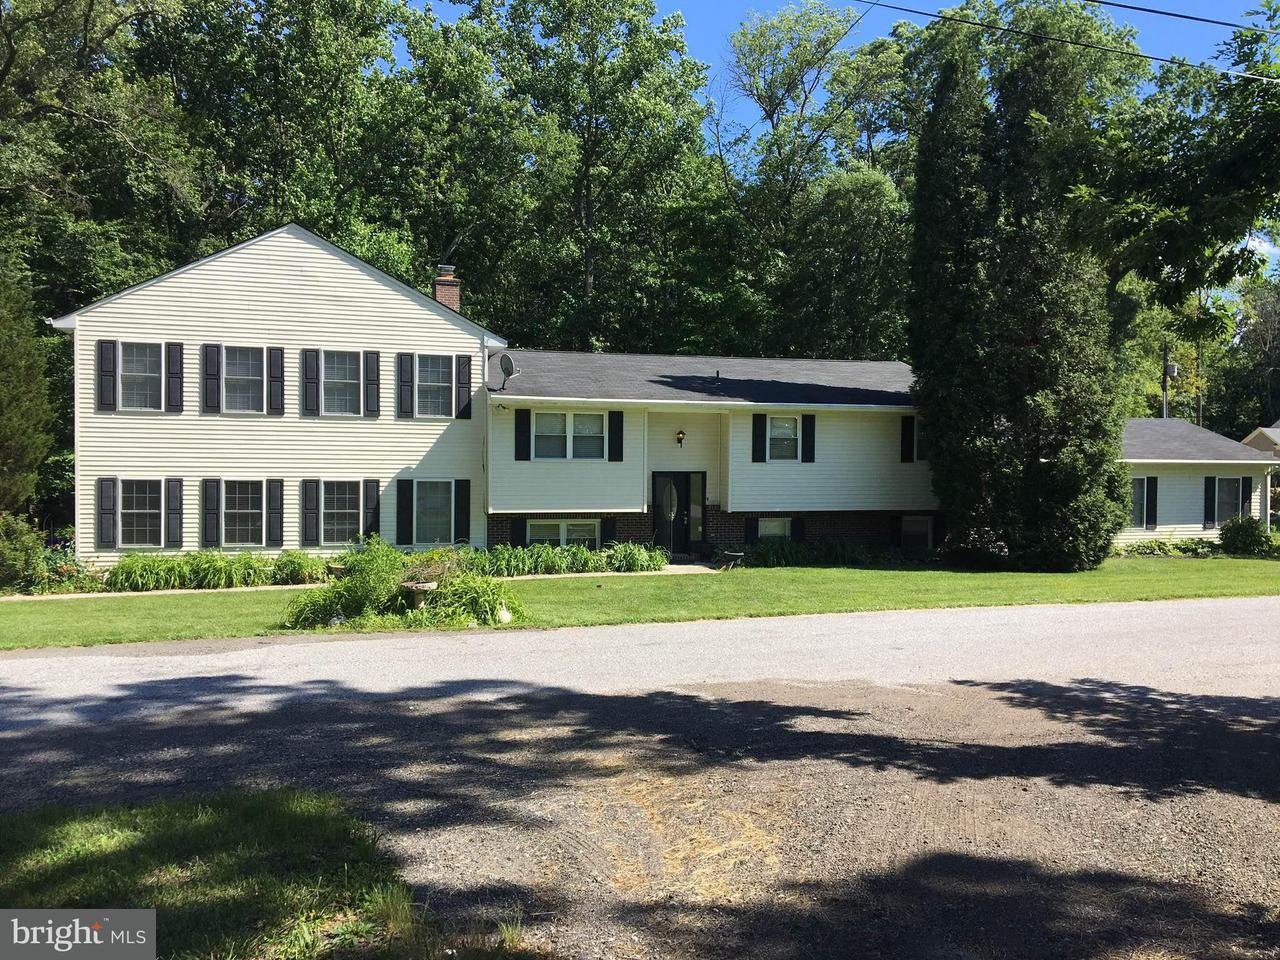 獨棟家庭住宅 為 出售 在 7909 Jones Road 7909 Jones Road Jessup, 馬里蘭州 20794 美國